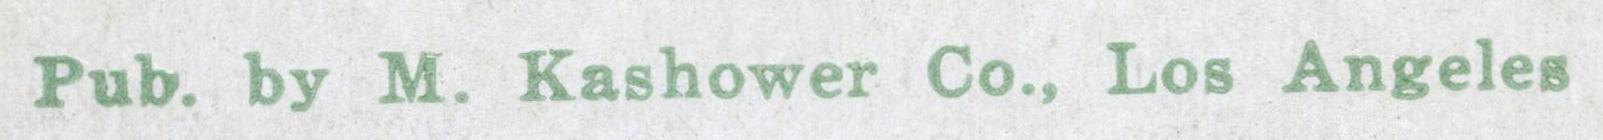 Kashower co